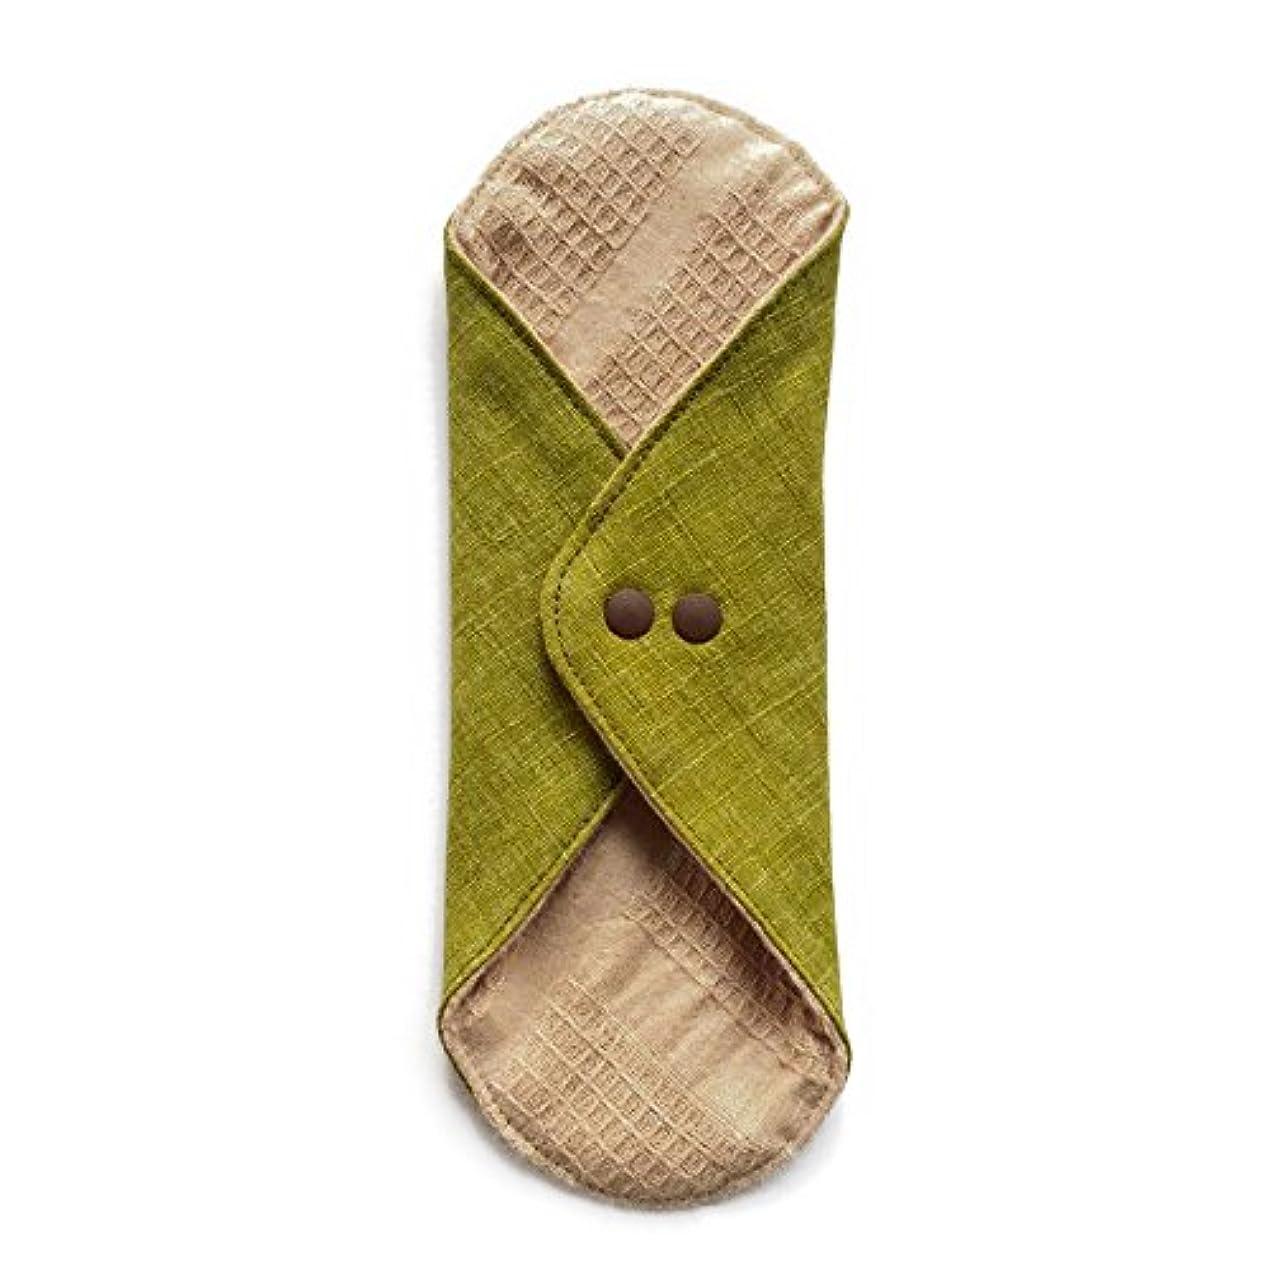 パテナプキン称賛華布のオーガニックコットンのあたため布 Lサイズ (約18×約20.5×約0.5cm) 彩り(抹茶)